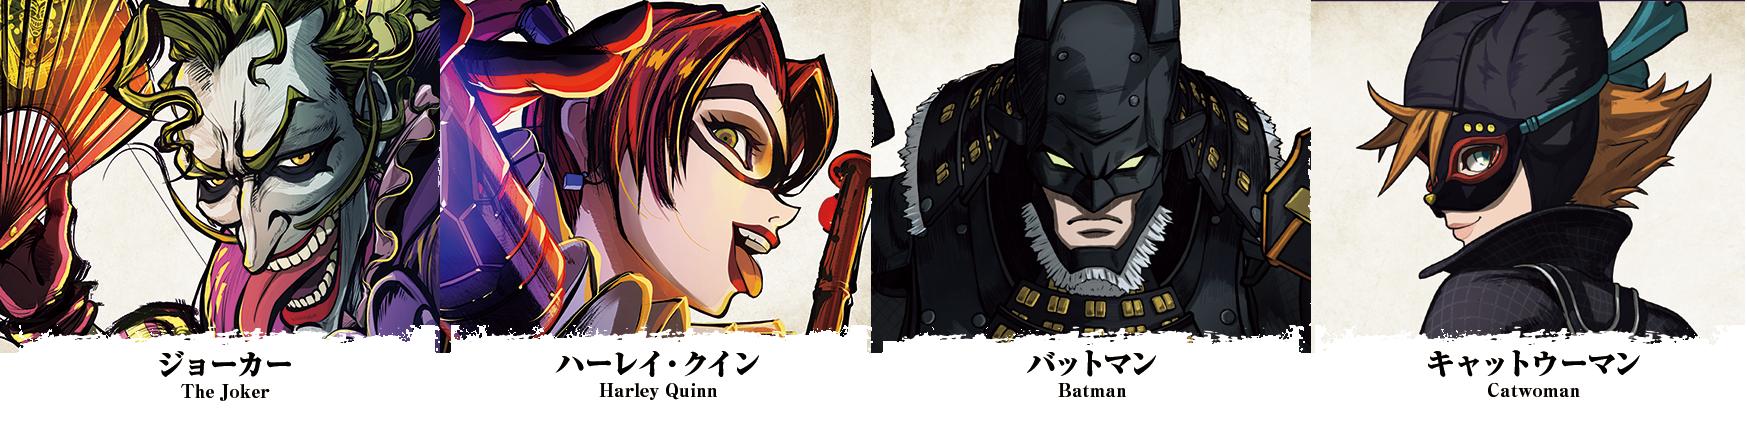 ジョーカー/ハーレイ・クイン/バットマン/キャットウーマン